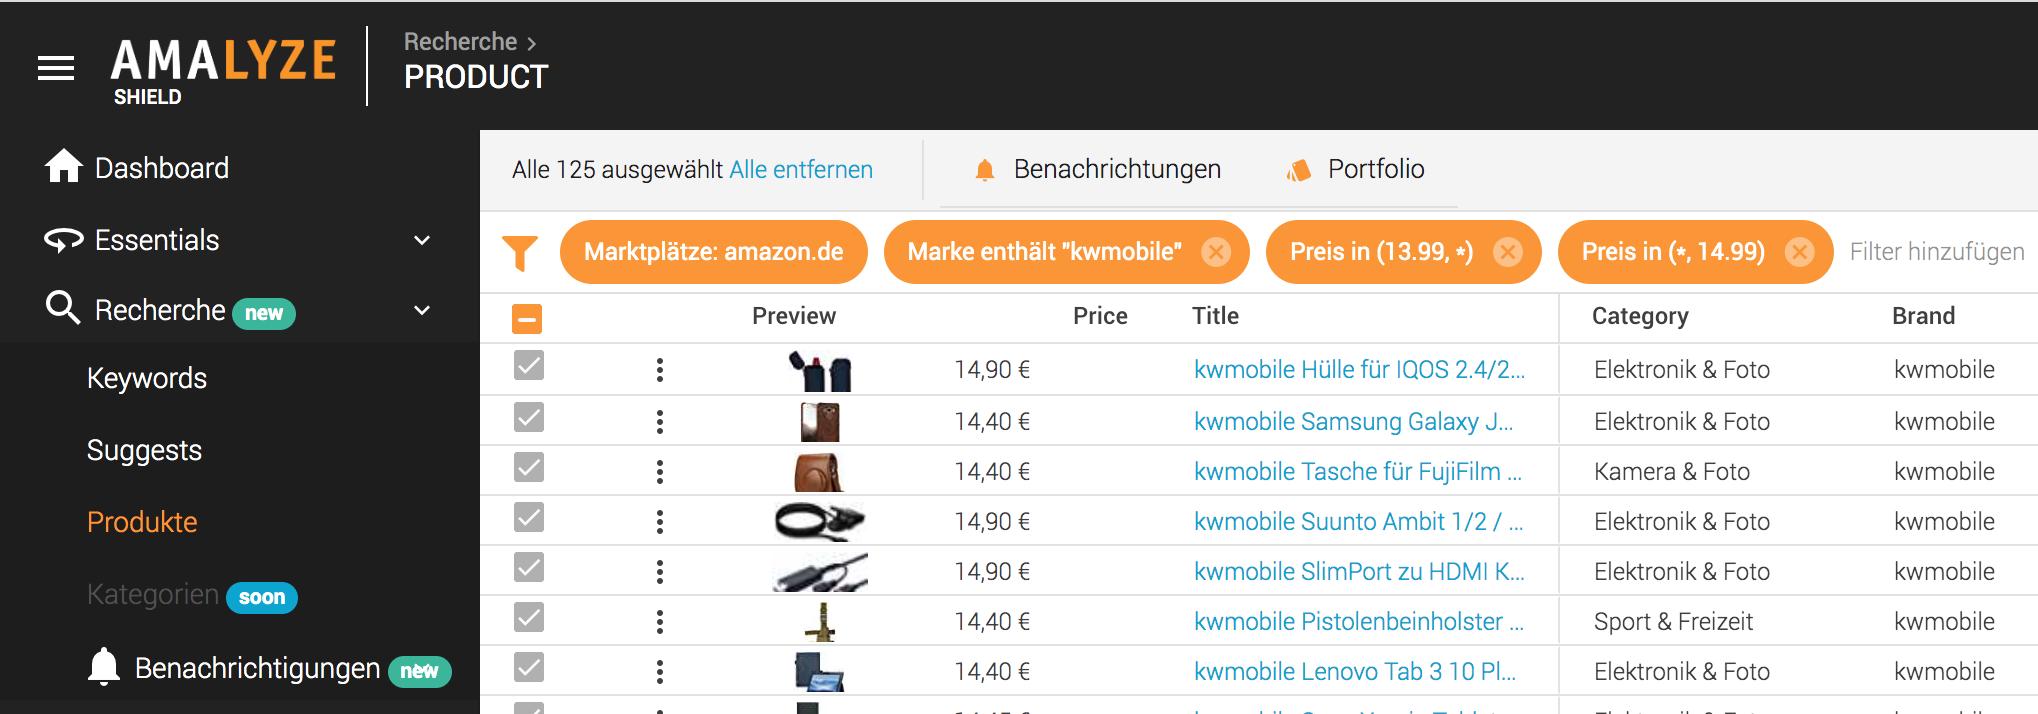 Notifications FAQ_Bulk Benachrichtigung_reiter Dropdown Menü zur Anlage